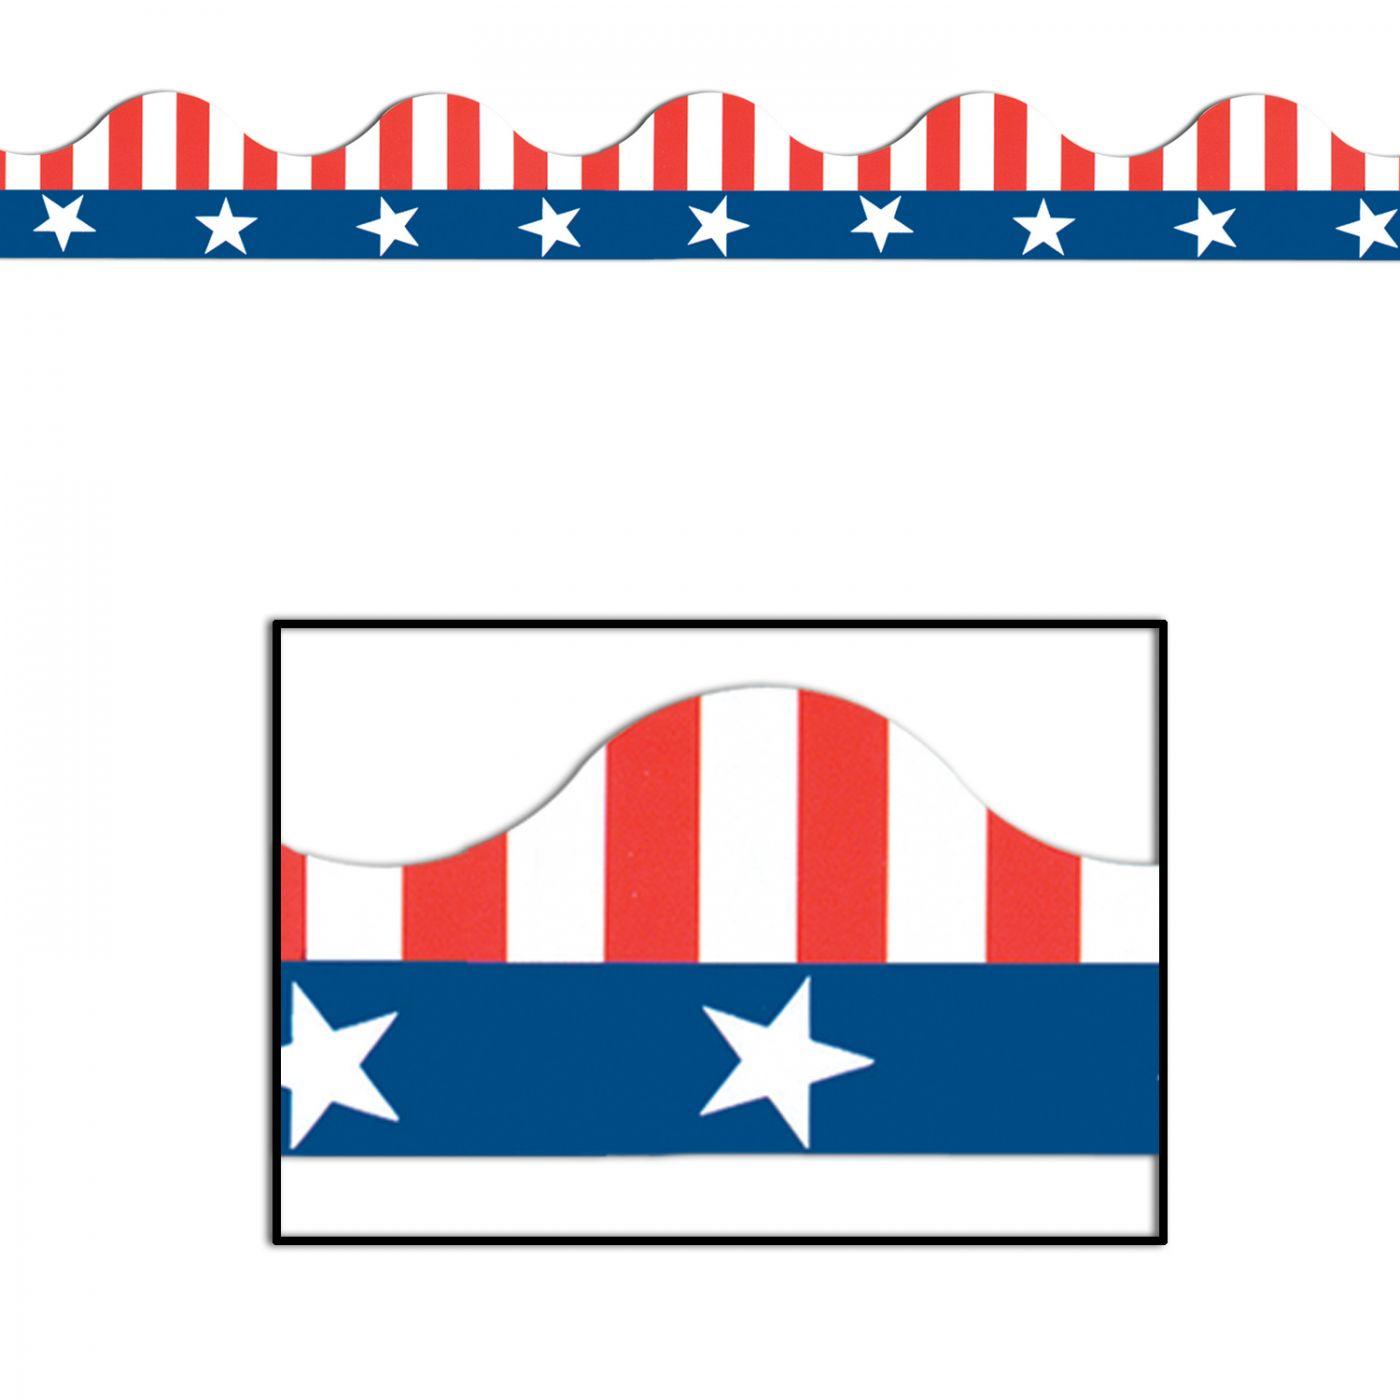 Patriotic Border Trim image